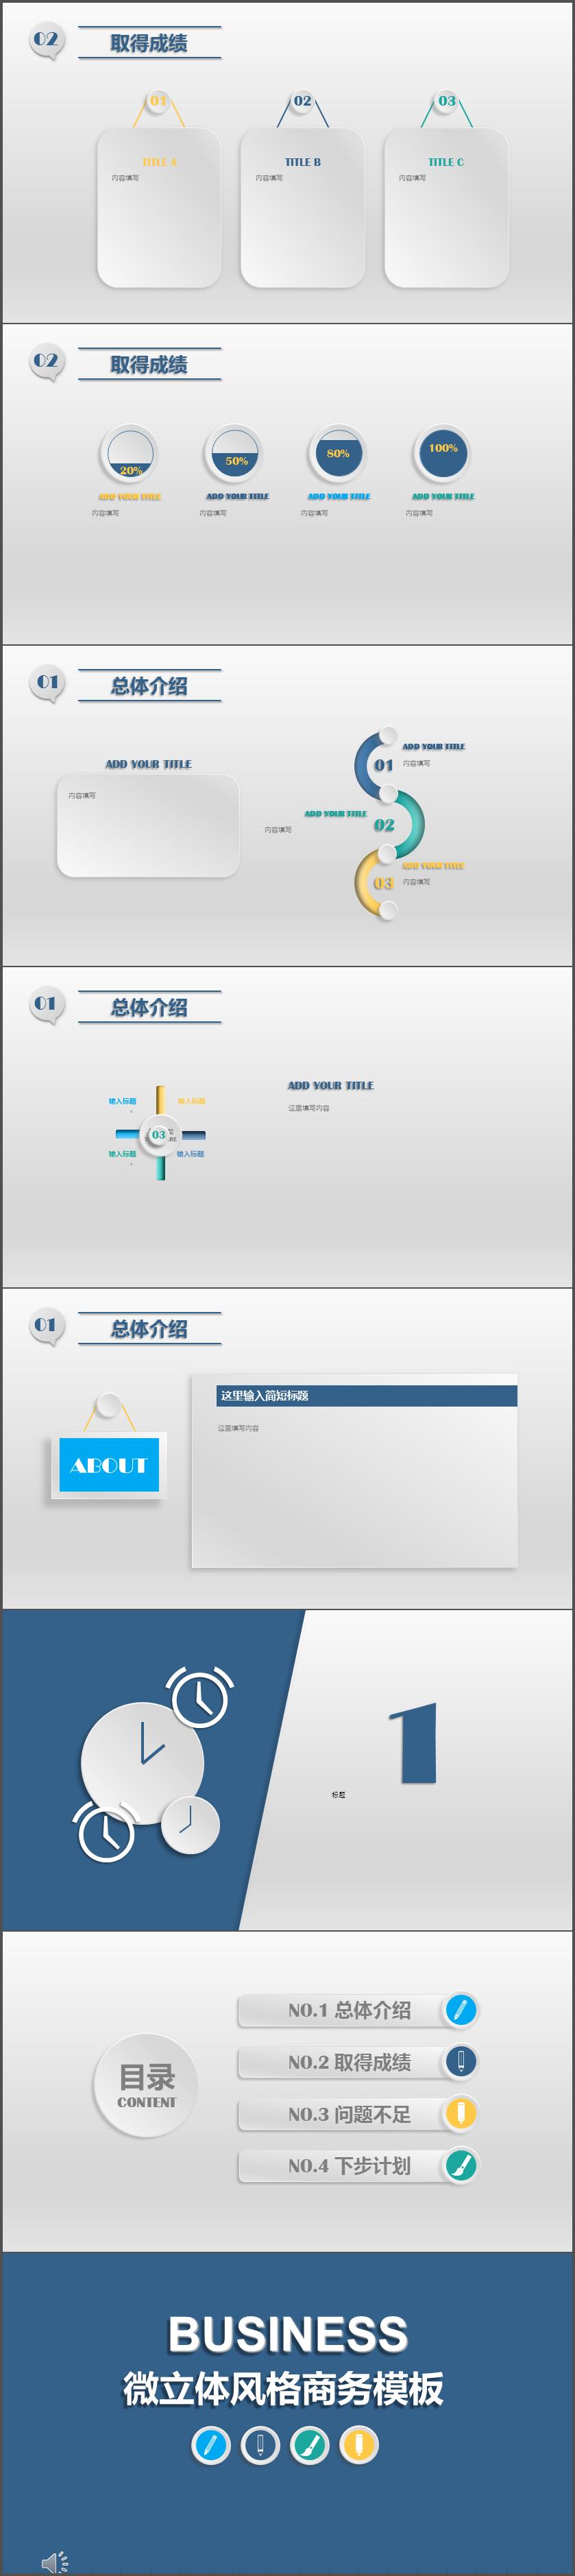 灰蓝搭配动态微立体风格商务总结汇报类ppt模板